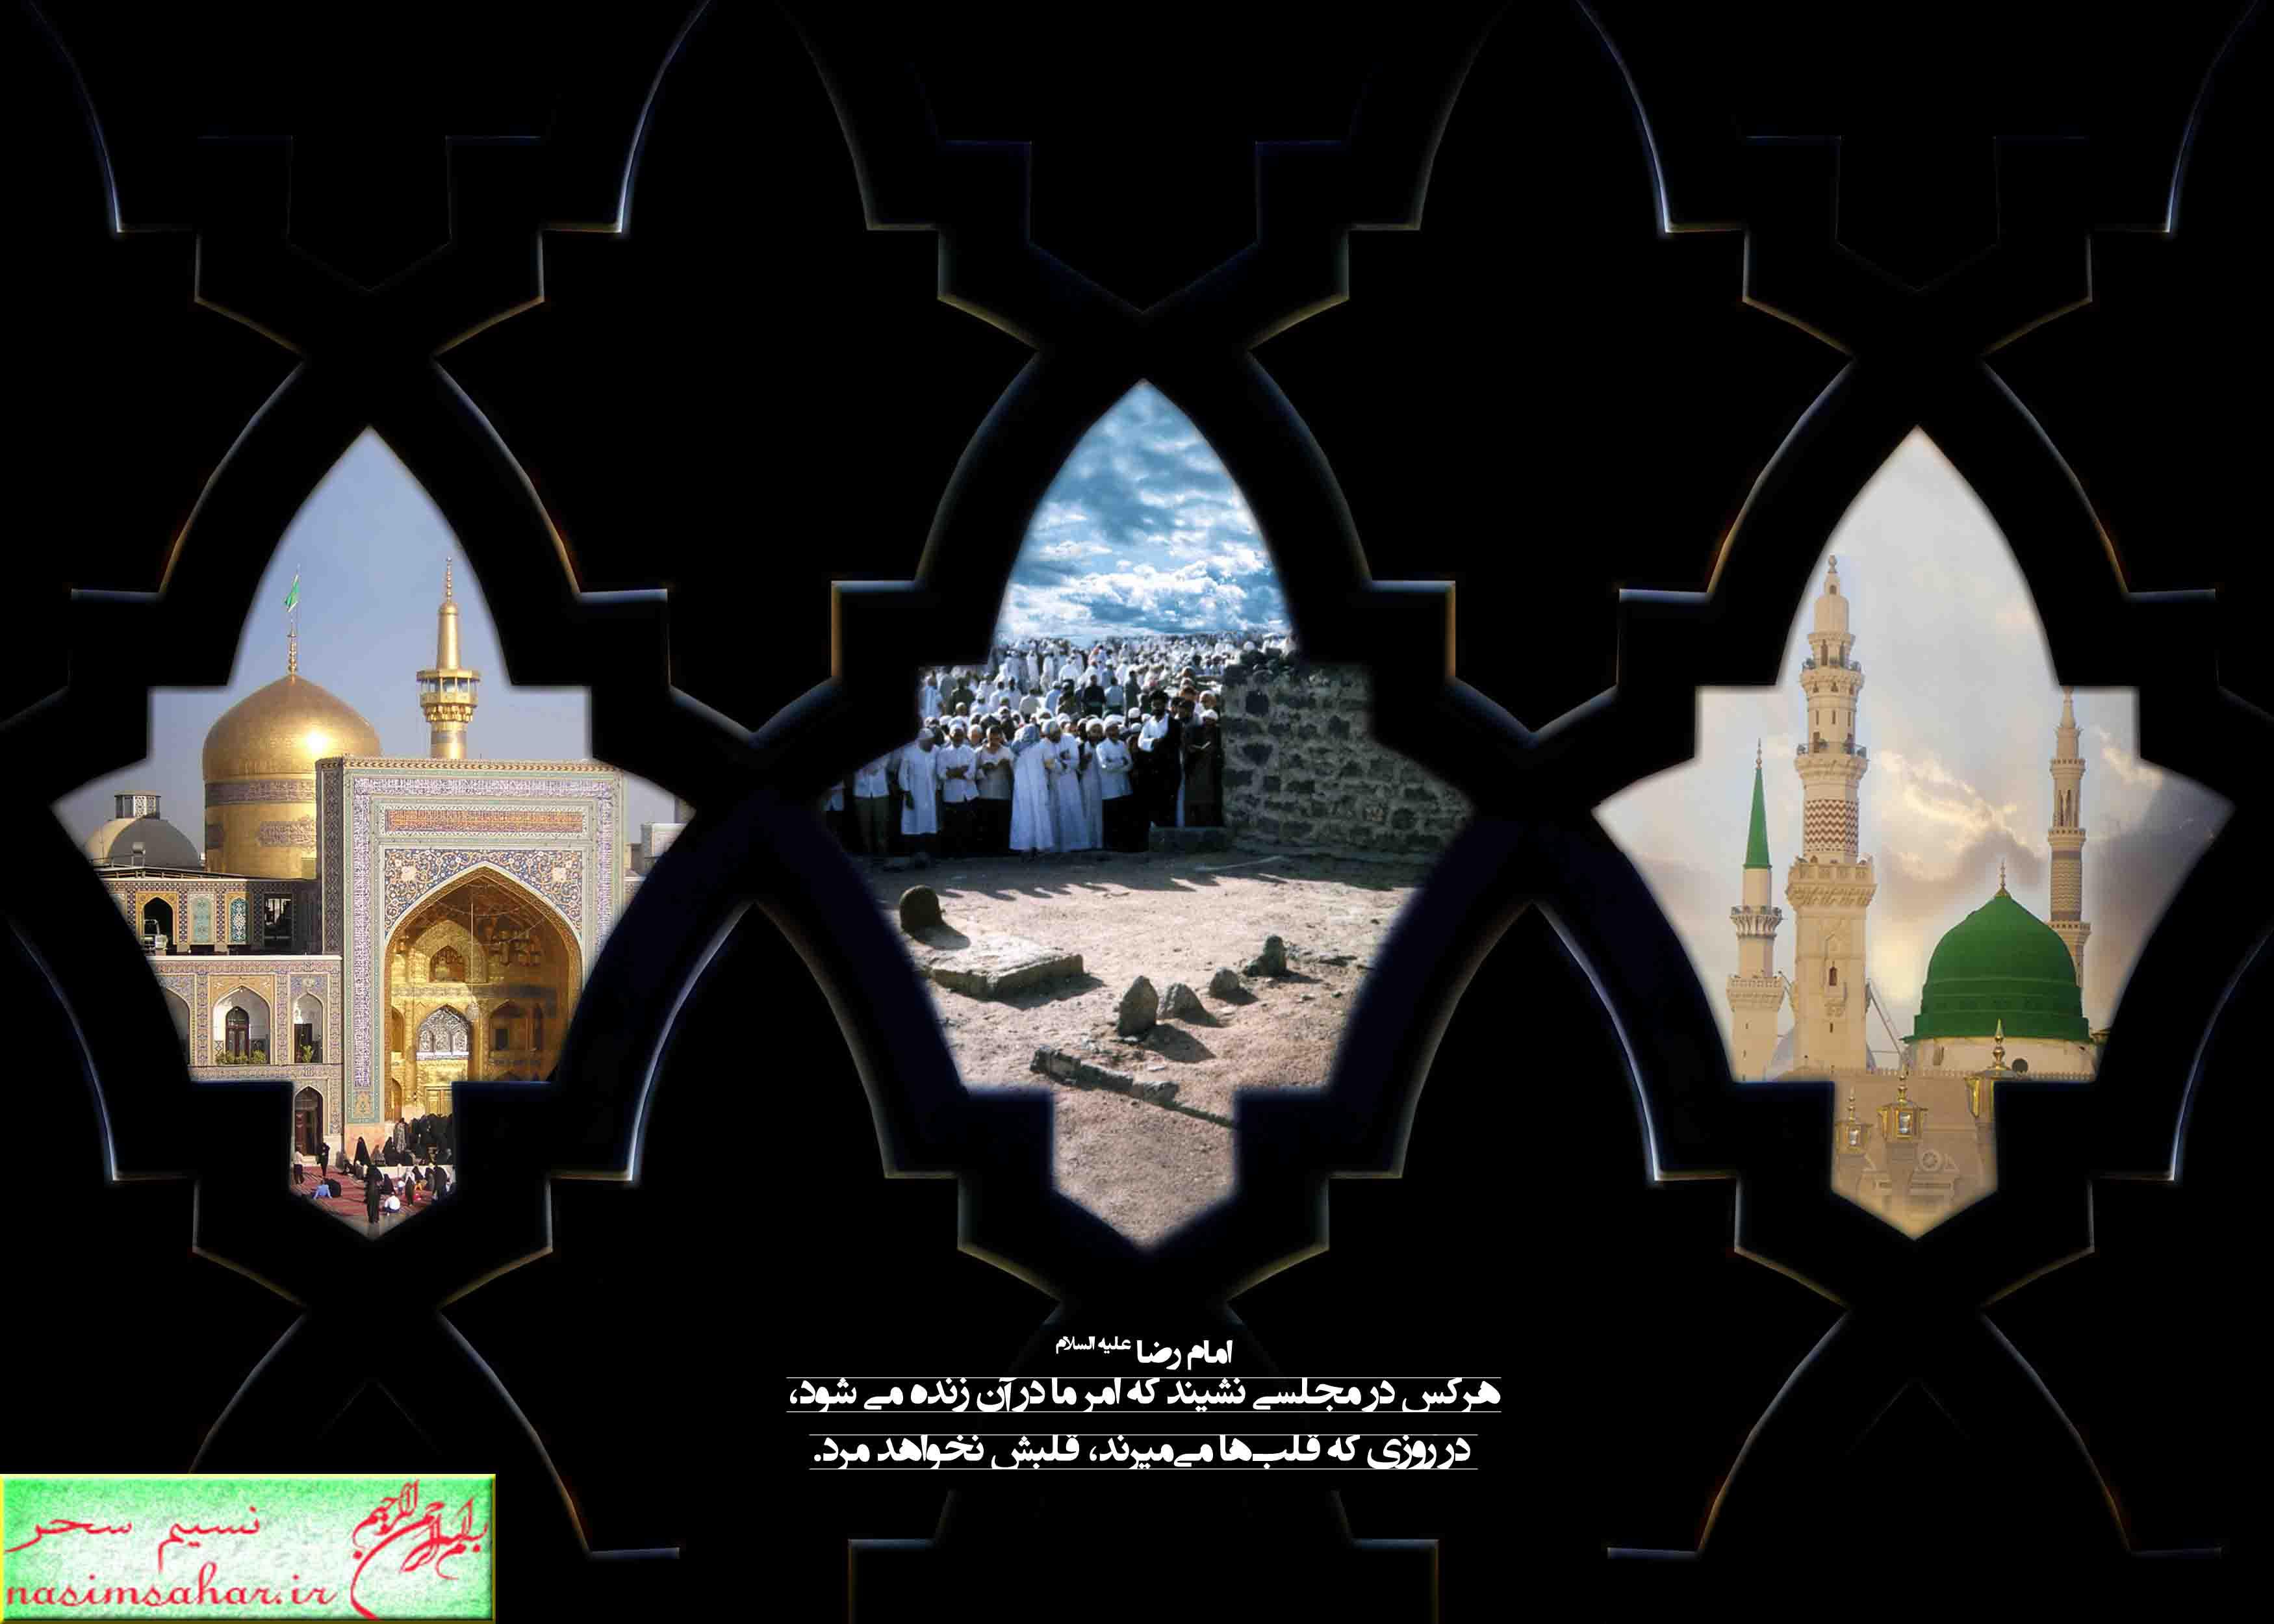 امام حسن ع امام رضا ع و رسول اکرم صلوات الله علیه